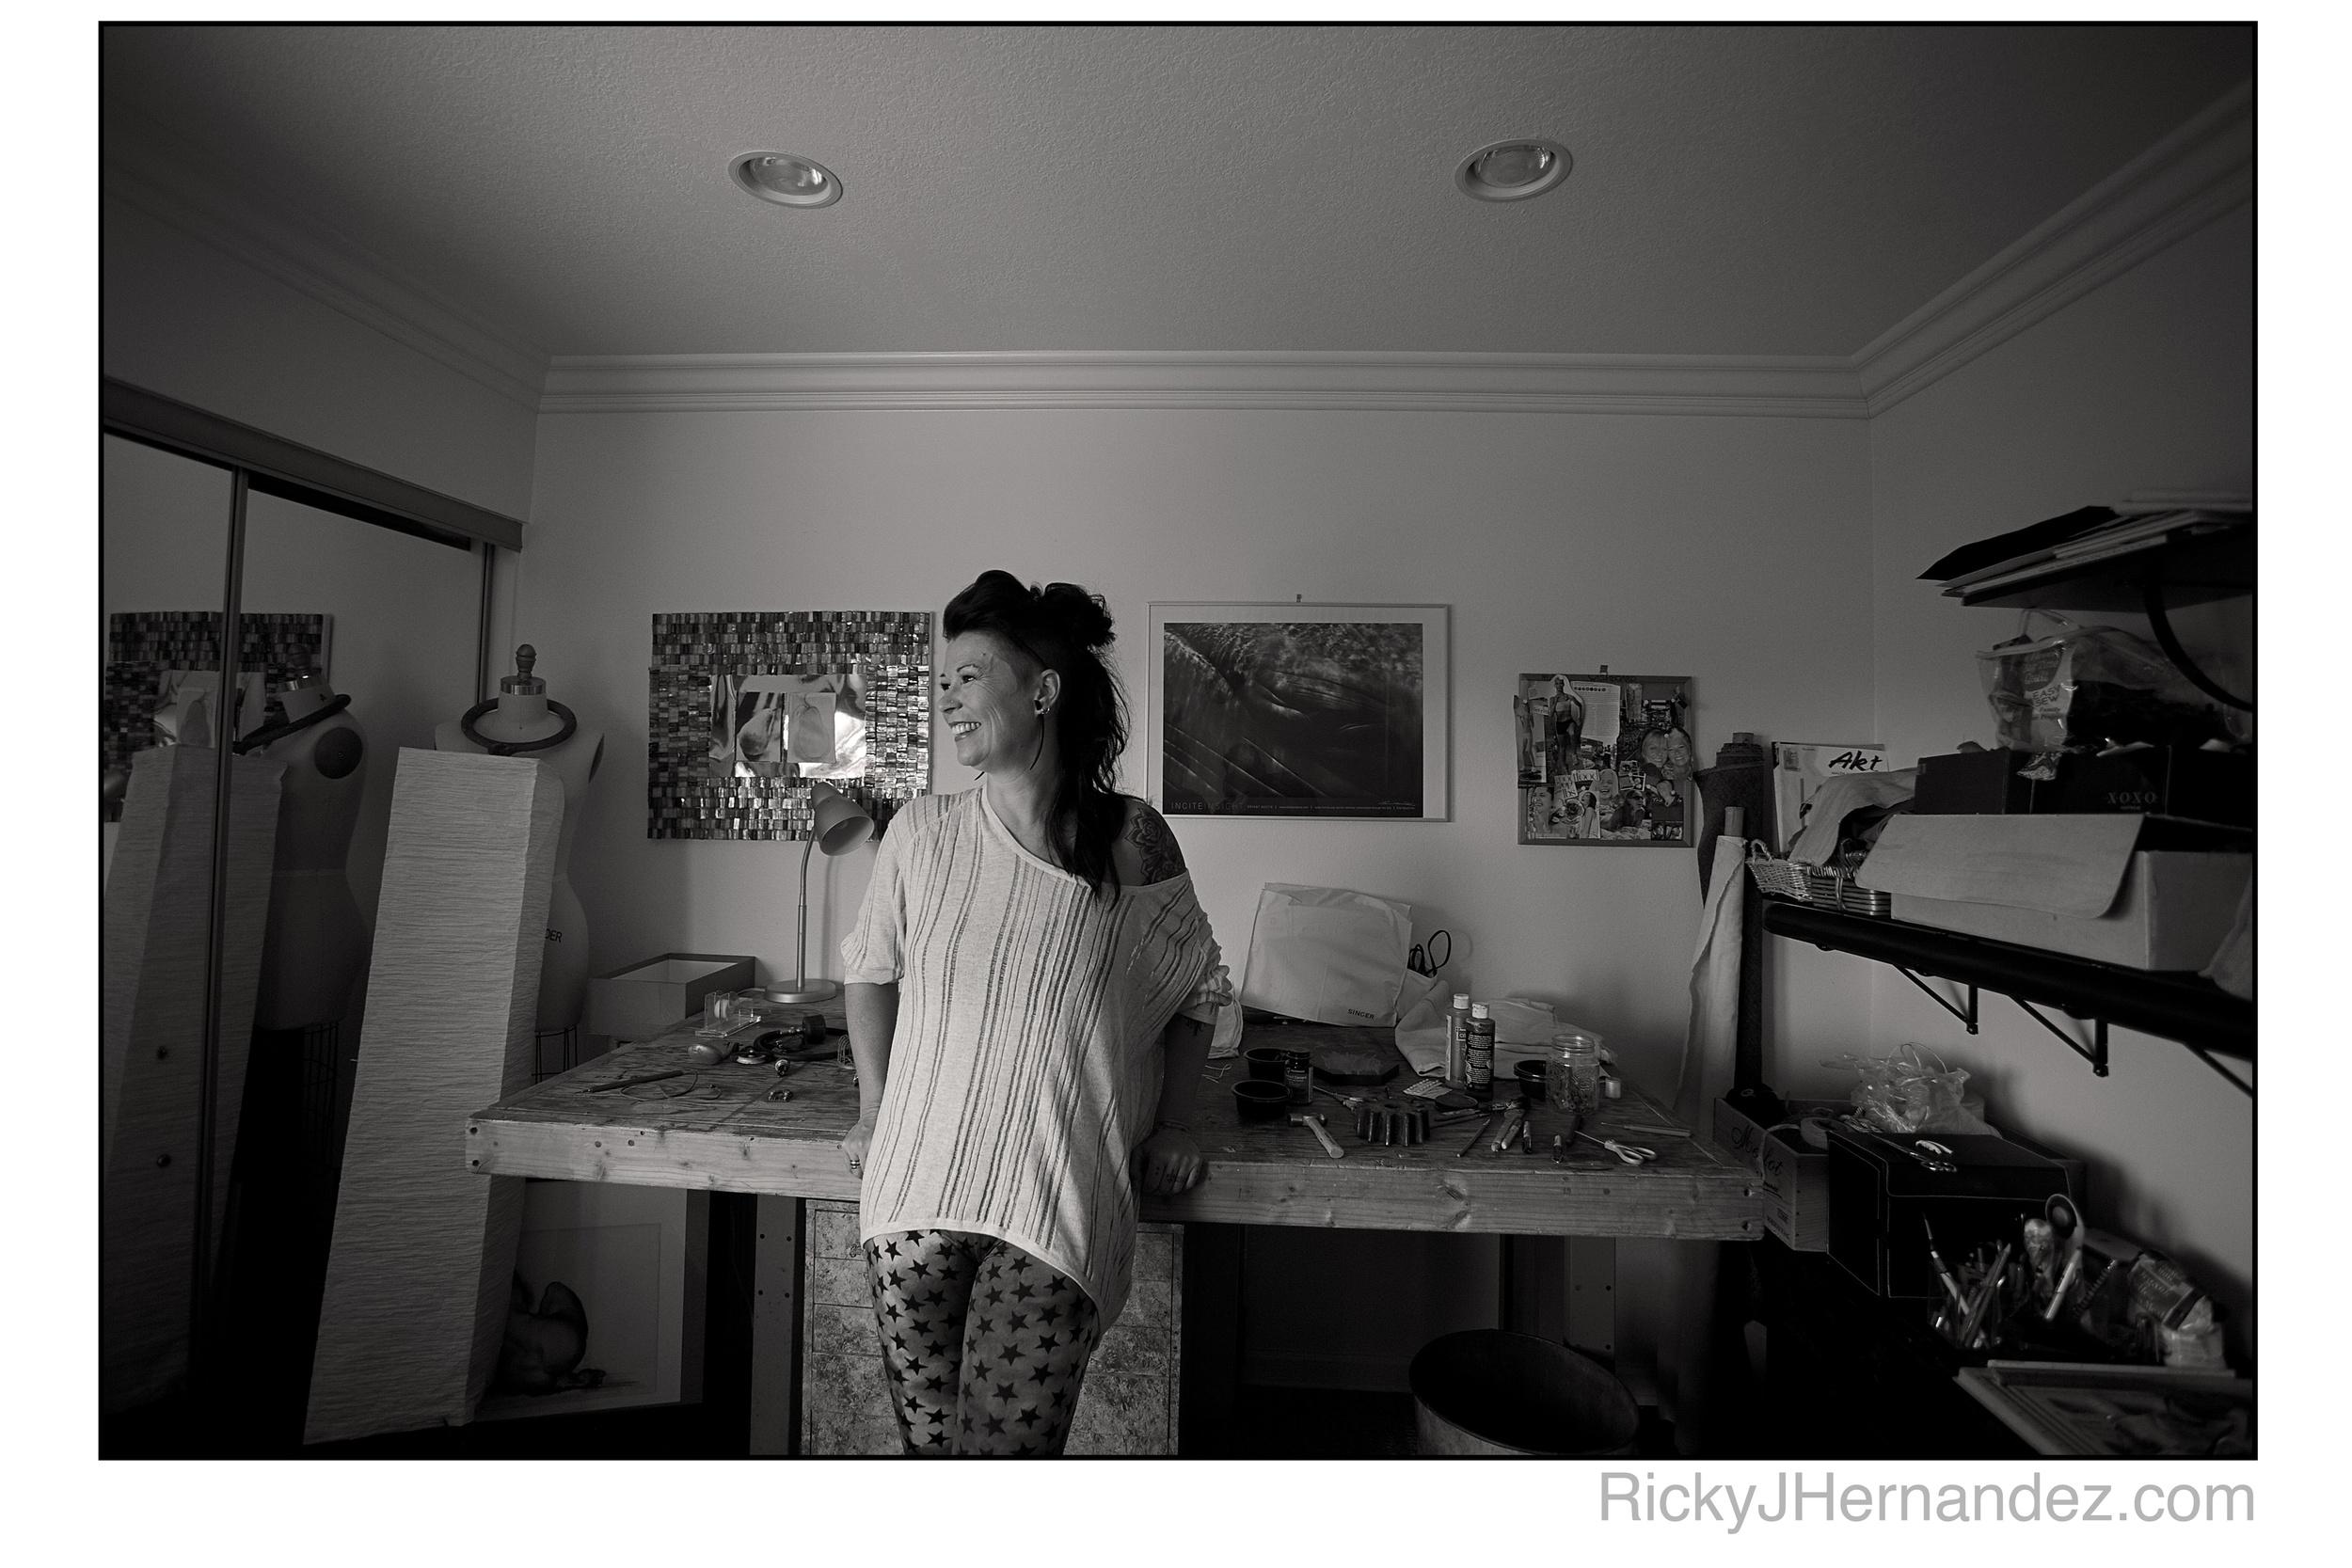 Photographs of Silke Turner